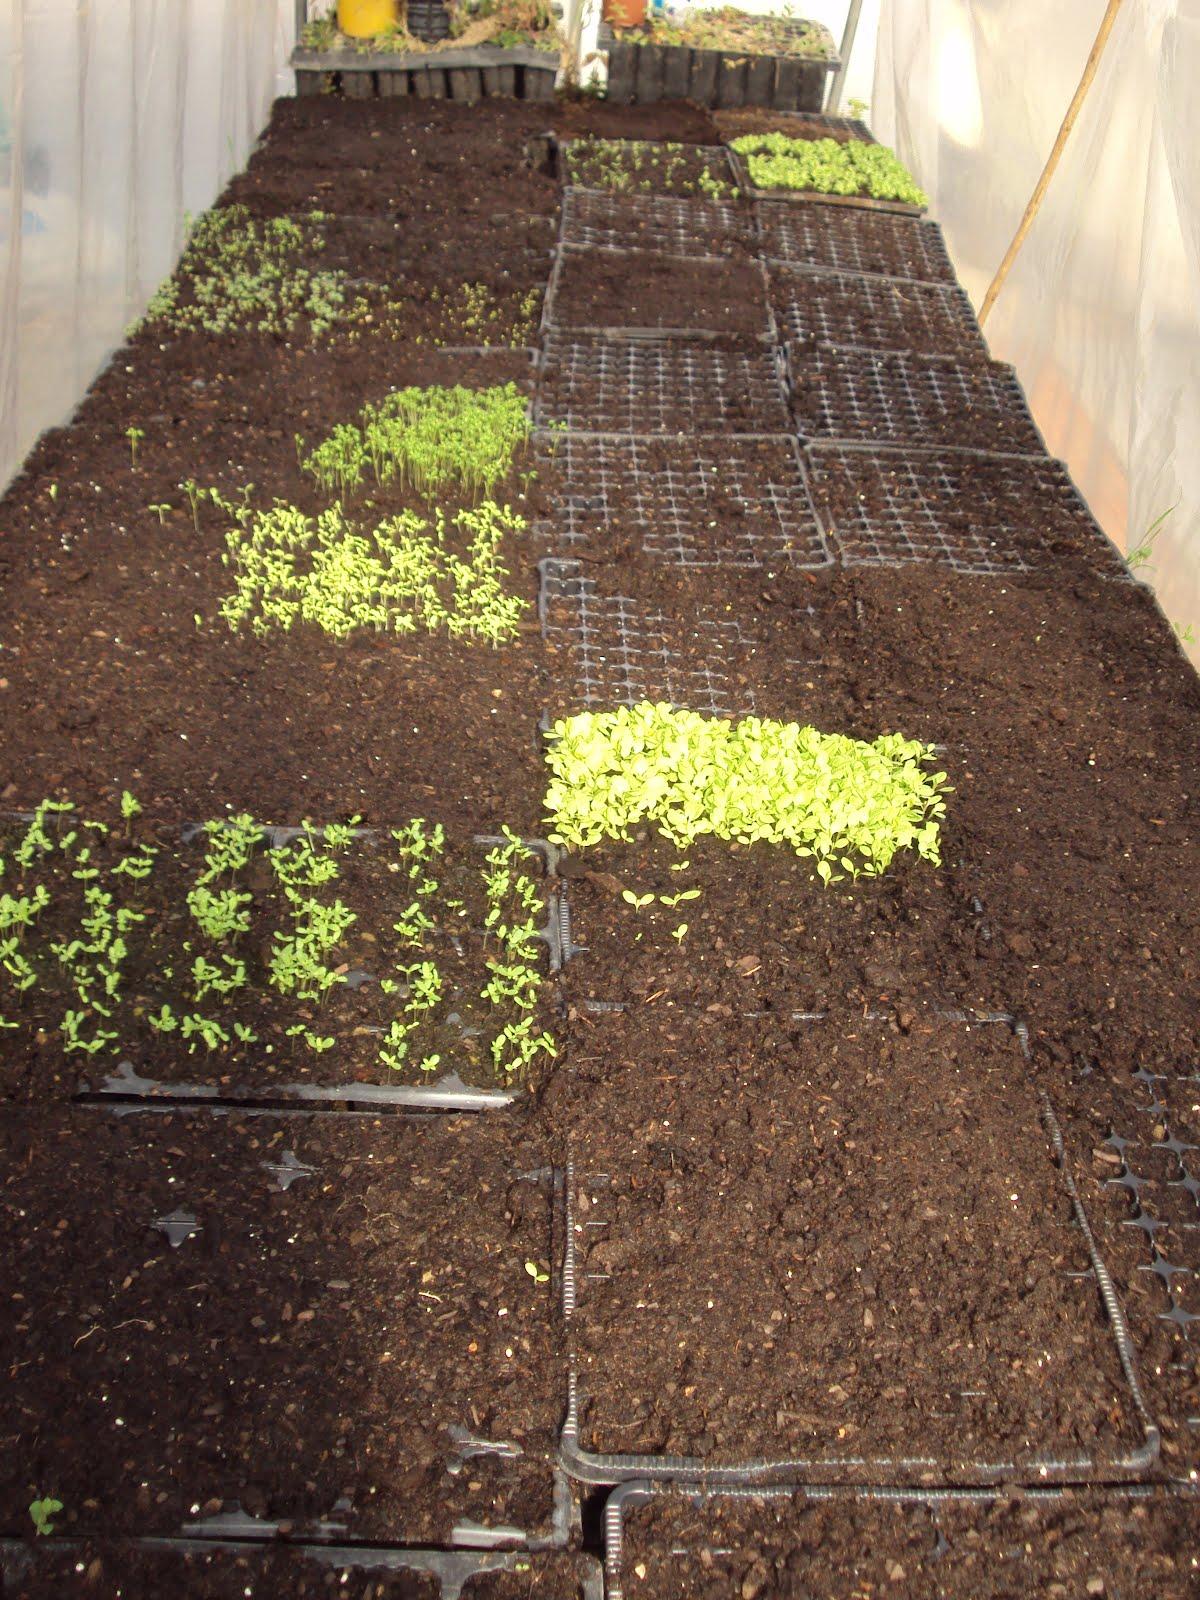 En torno al huerto terreno semillas y flores - Tierra para semilleros ...